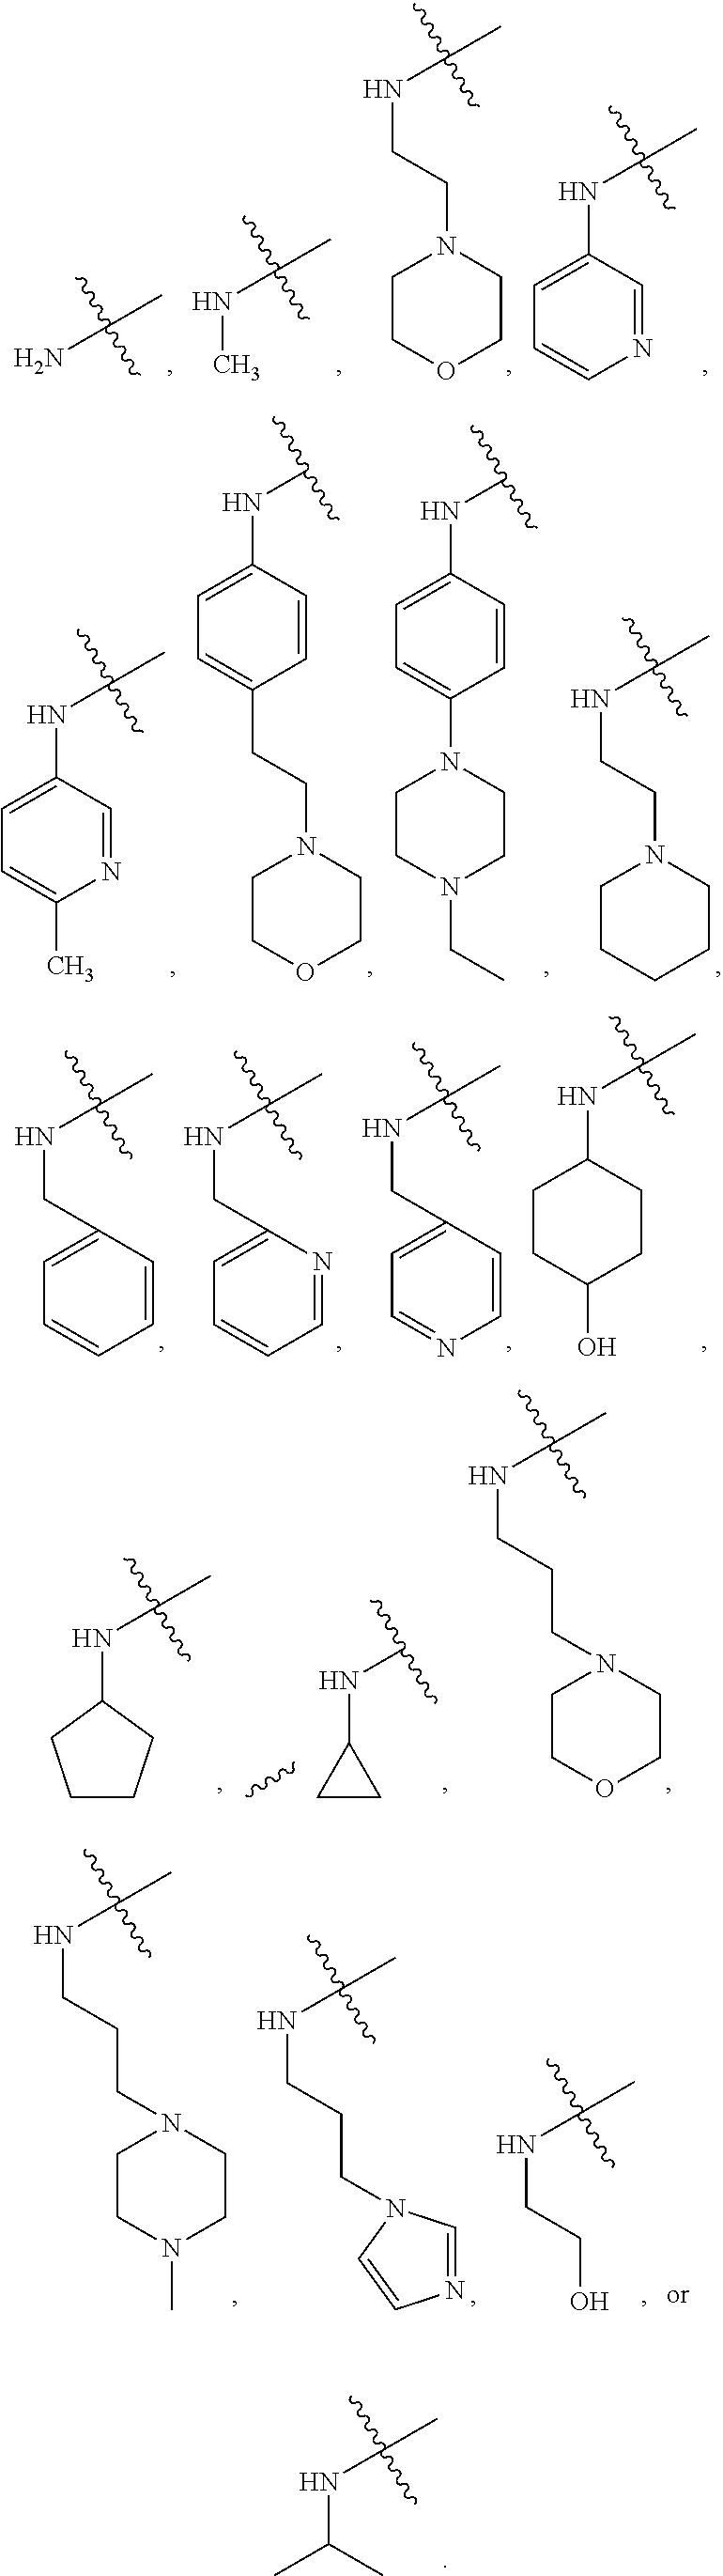 Figure US20160038497A1-20160211-C00040